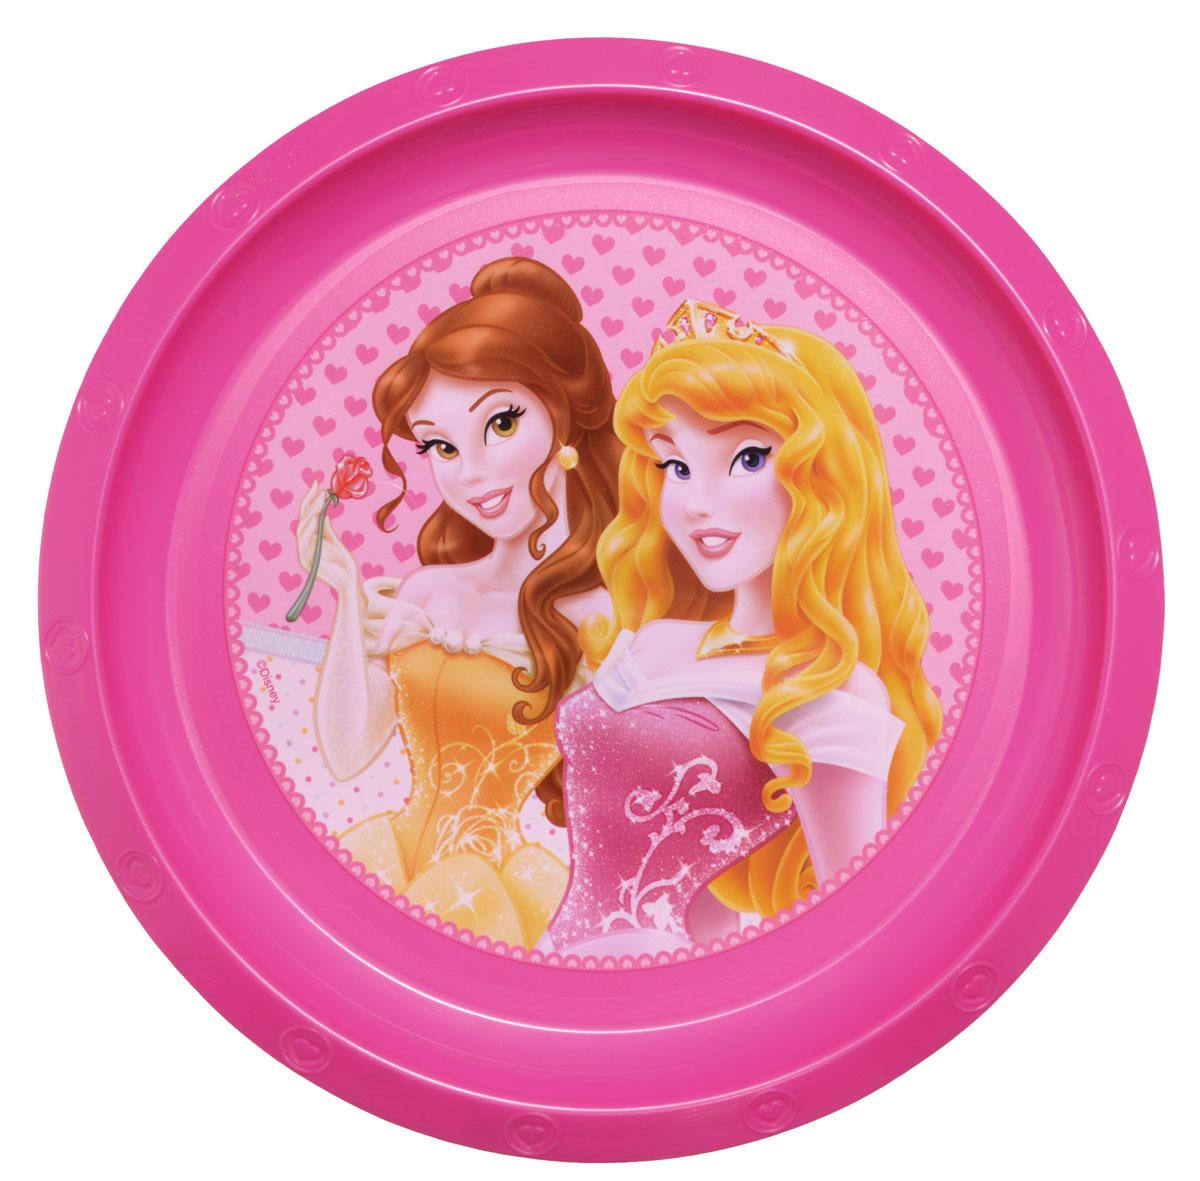 Disney Тарелка детская Принцессы Белль и Аврора54 009312Яркая тарелка Disney Принцессы идеально подойдет для кормления малыша и самостоятельного приема им пищи. Тарелка выполнена из безопасного полипропилена, дно оформлено высококачественным изображением принцесс из диснеевских сказок.Такой подарок станет не только приятным, но и практичным сувениром, добавит ярких эмоций вашему ребенку! Не предназначено для использования в СВЧ-печи и посудомоечной машине.